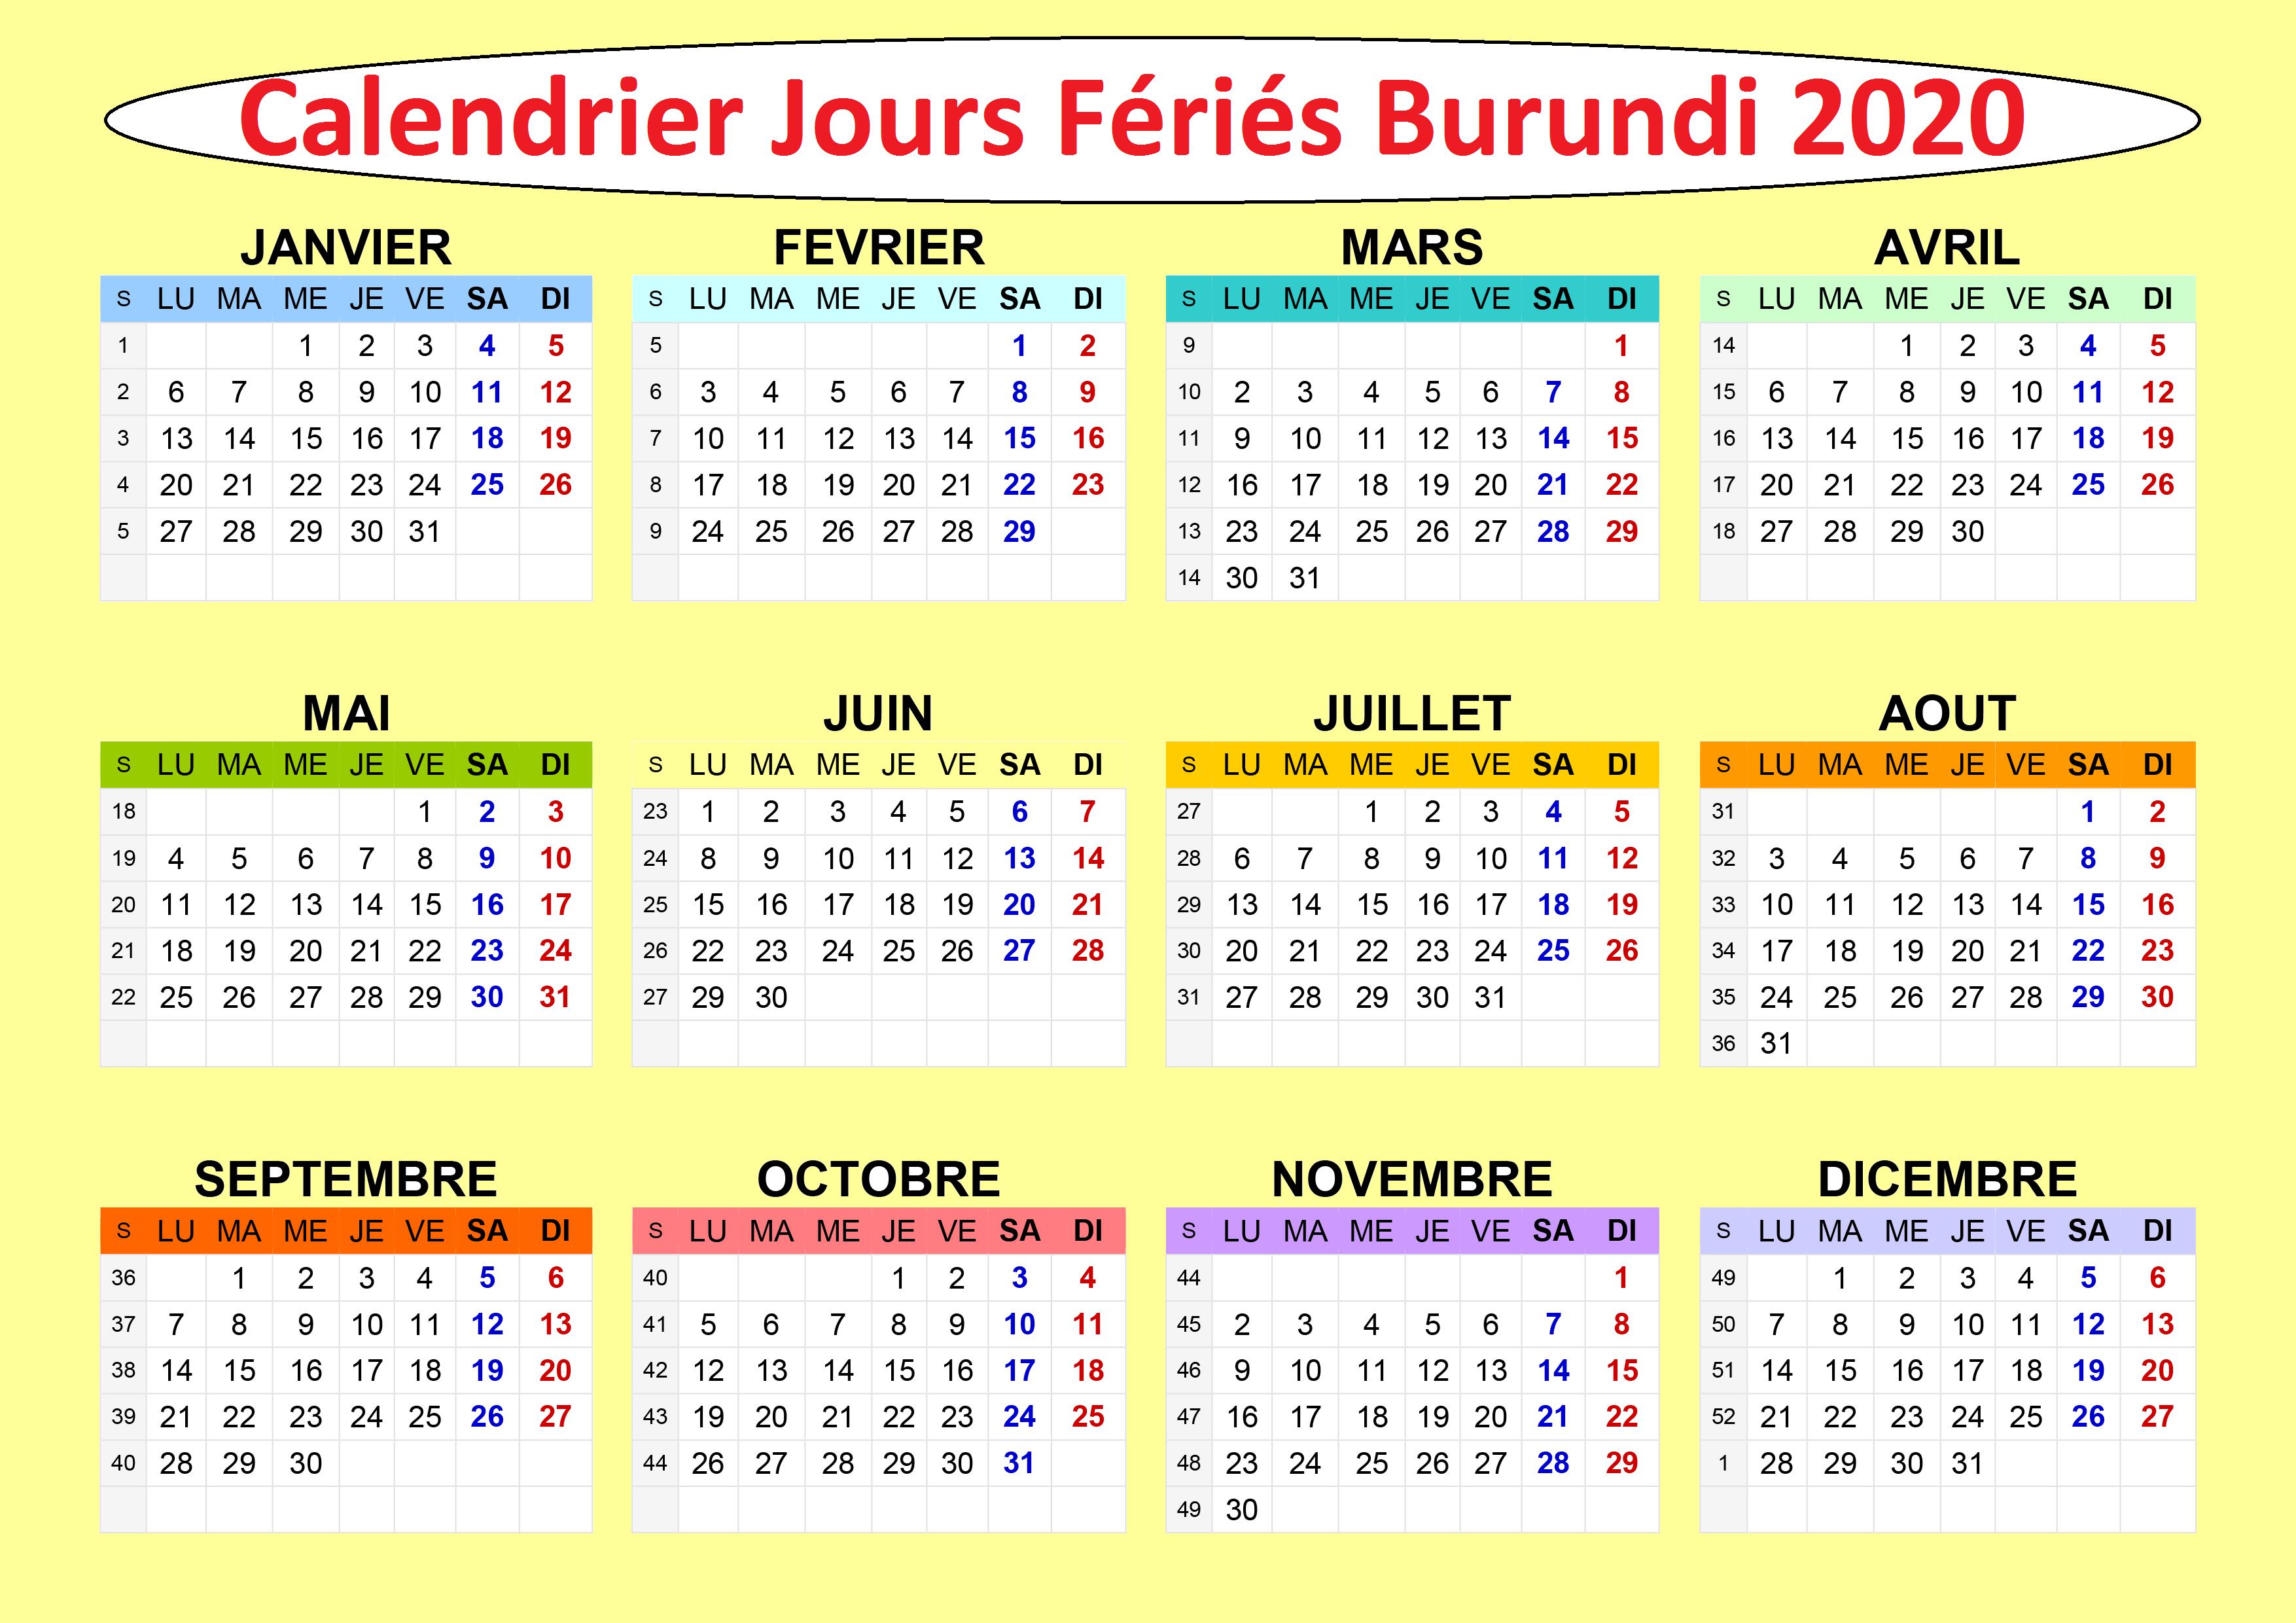 Calendrier 2020 Burundi Avec Jours Fériés A Imprimer